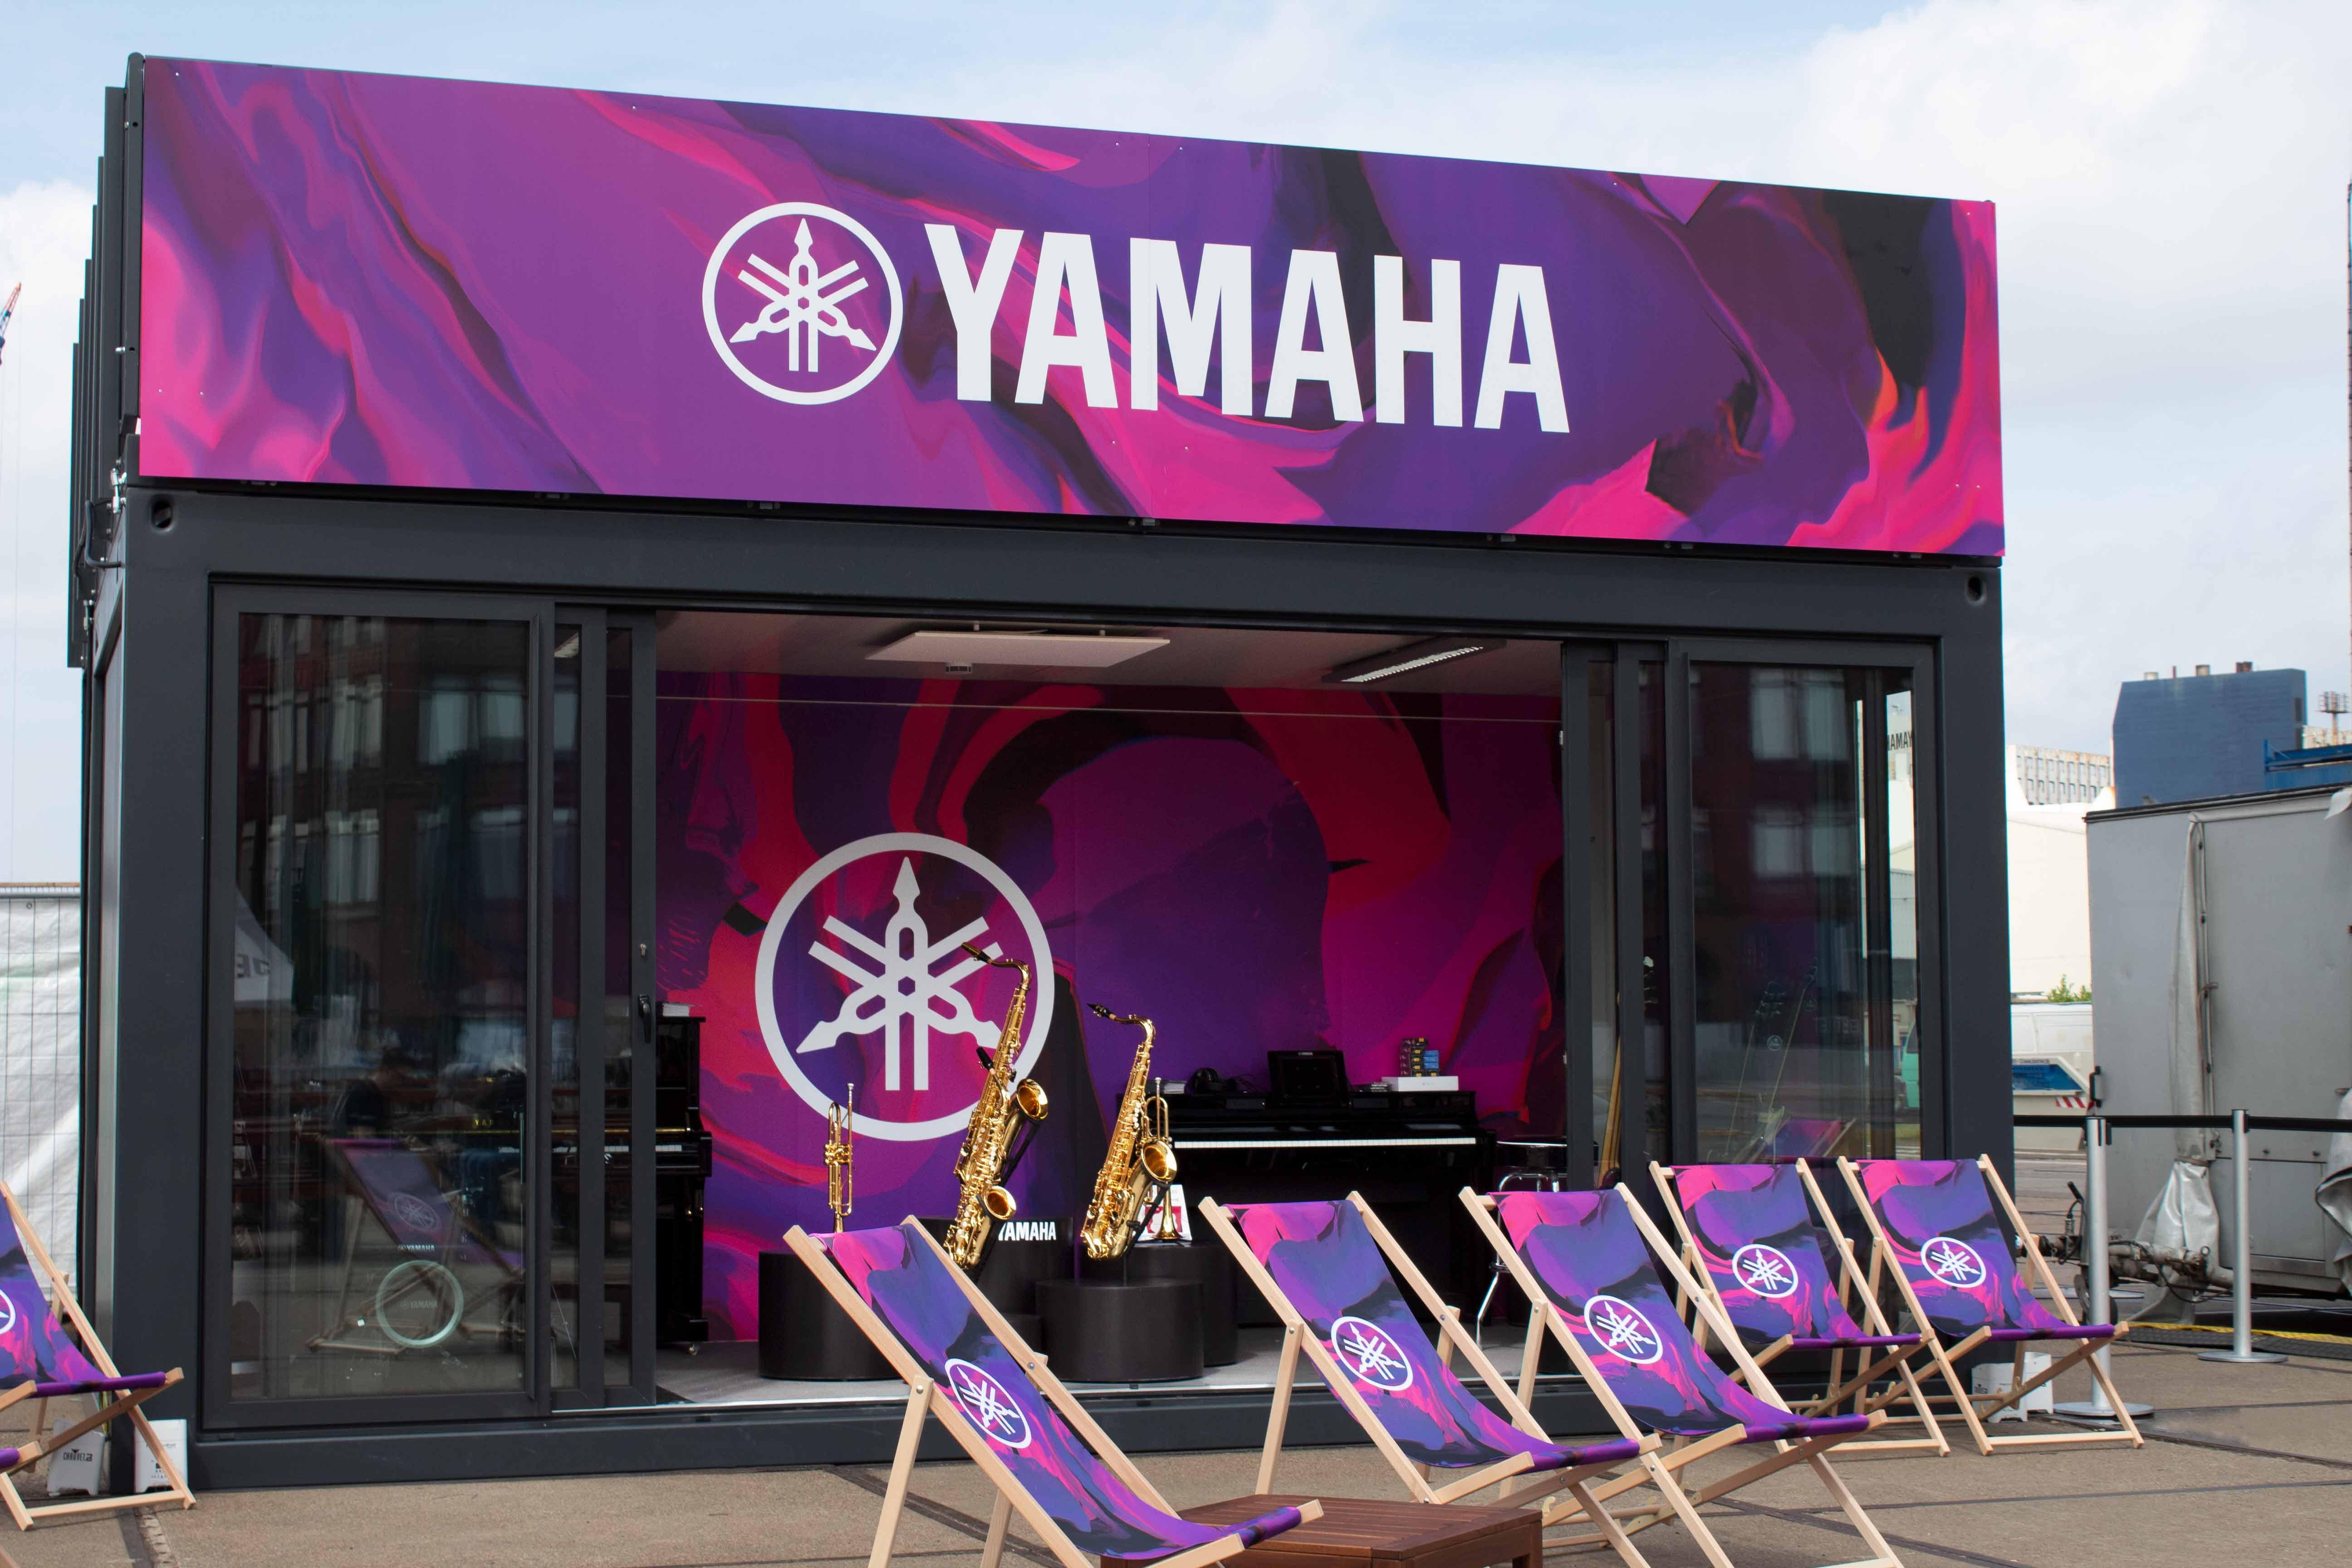 Festival-Container-Eventarchitektur-Eventcontainer-Event Container -Yamaha-Festival